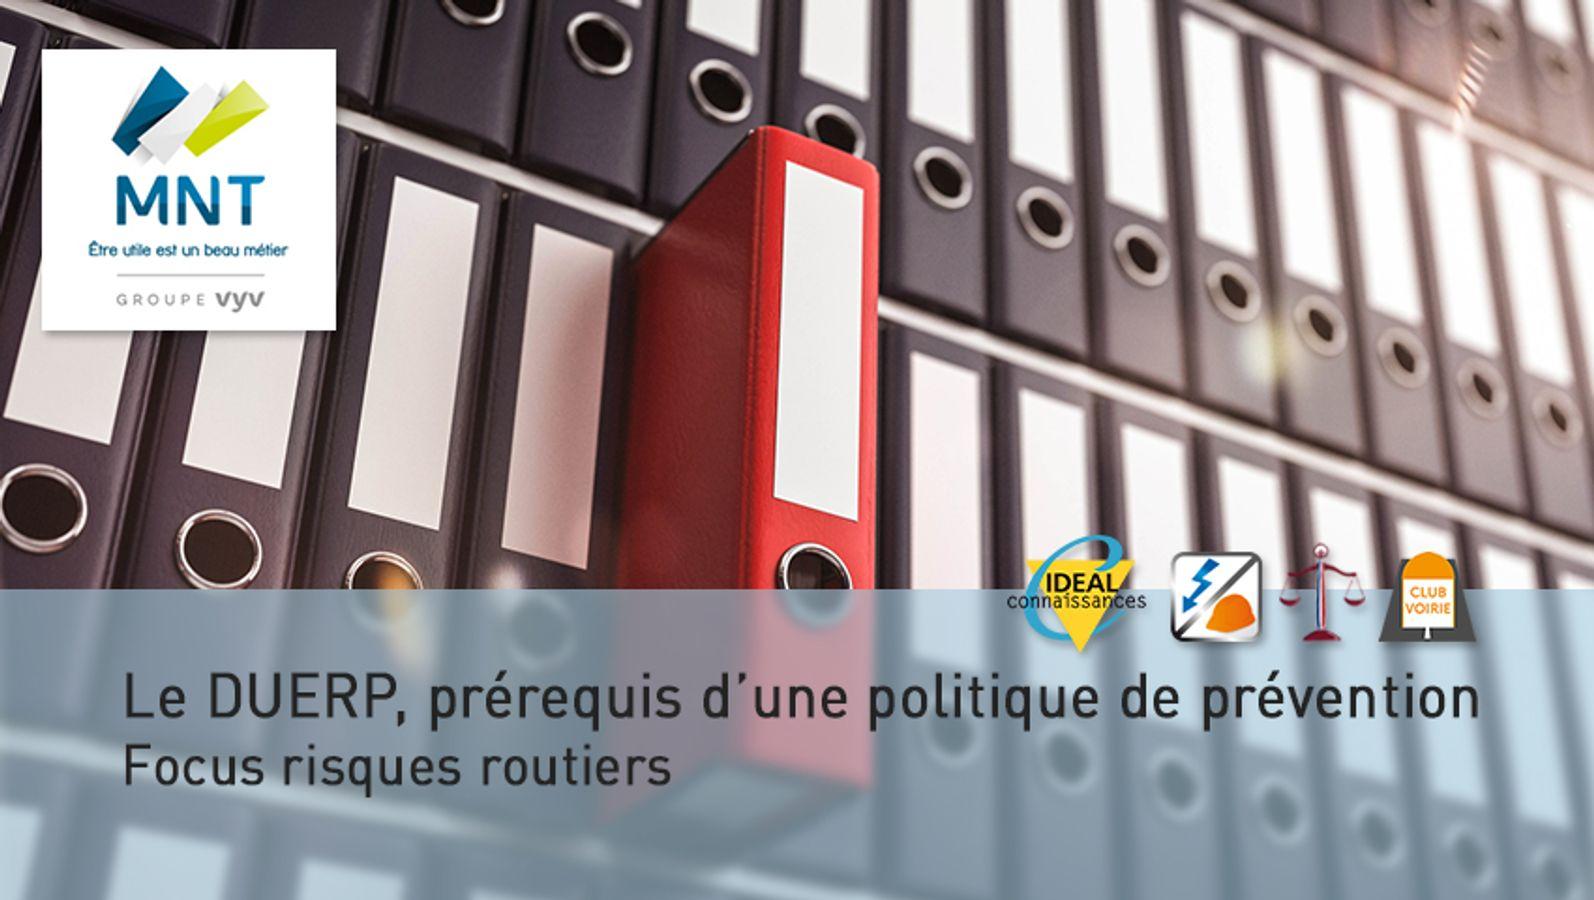 Le DUERP, prérequis d'une politique de prévention – Focus risques routiers